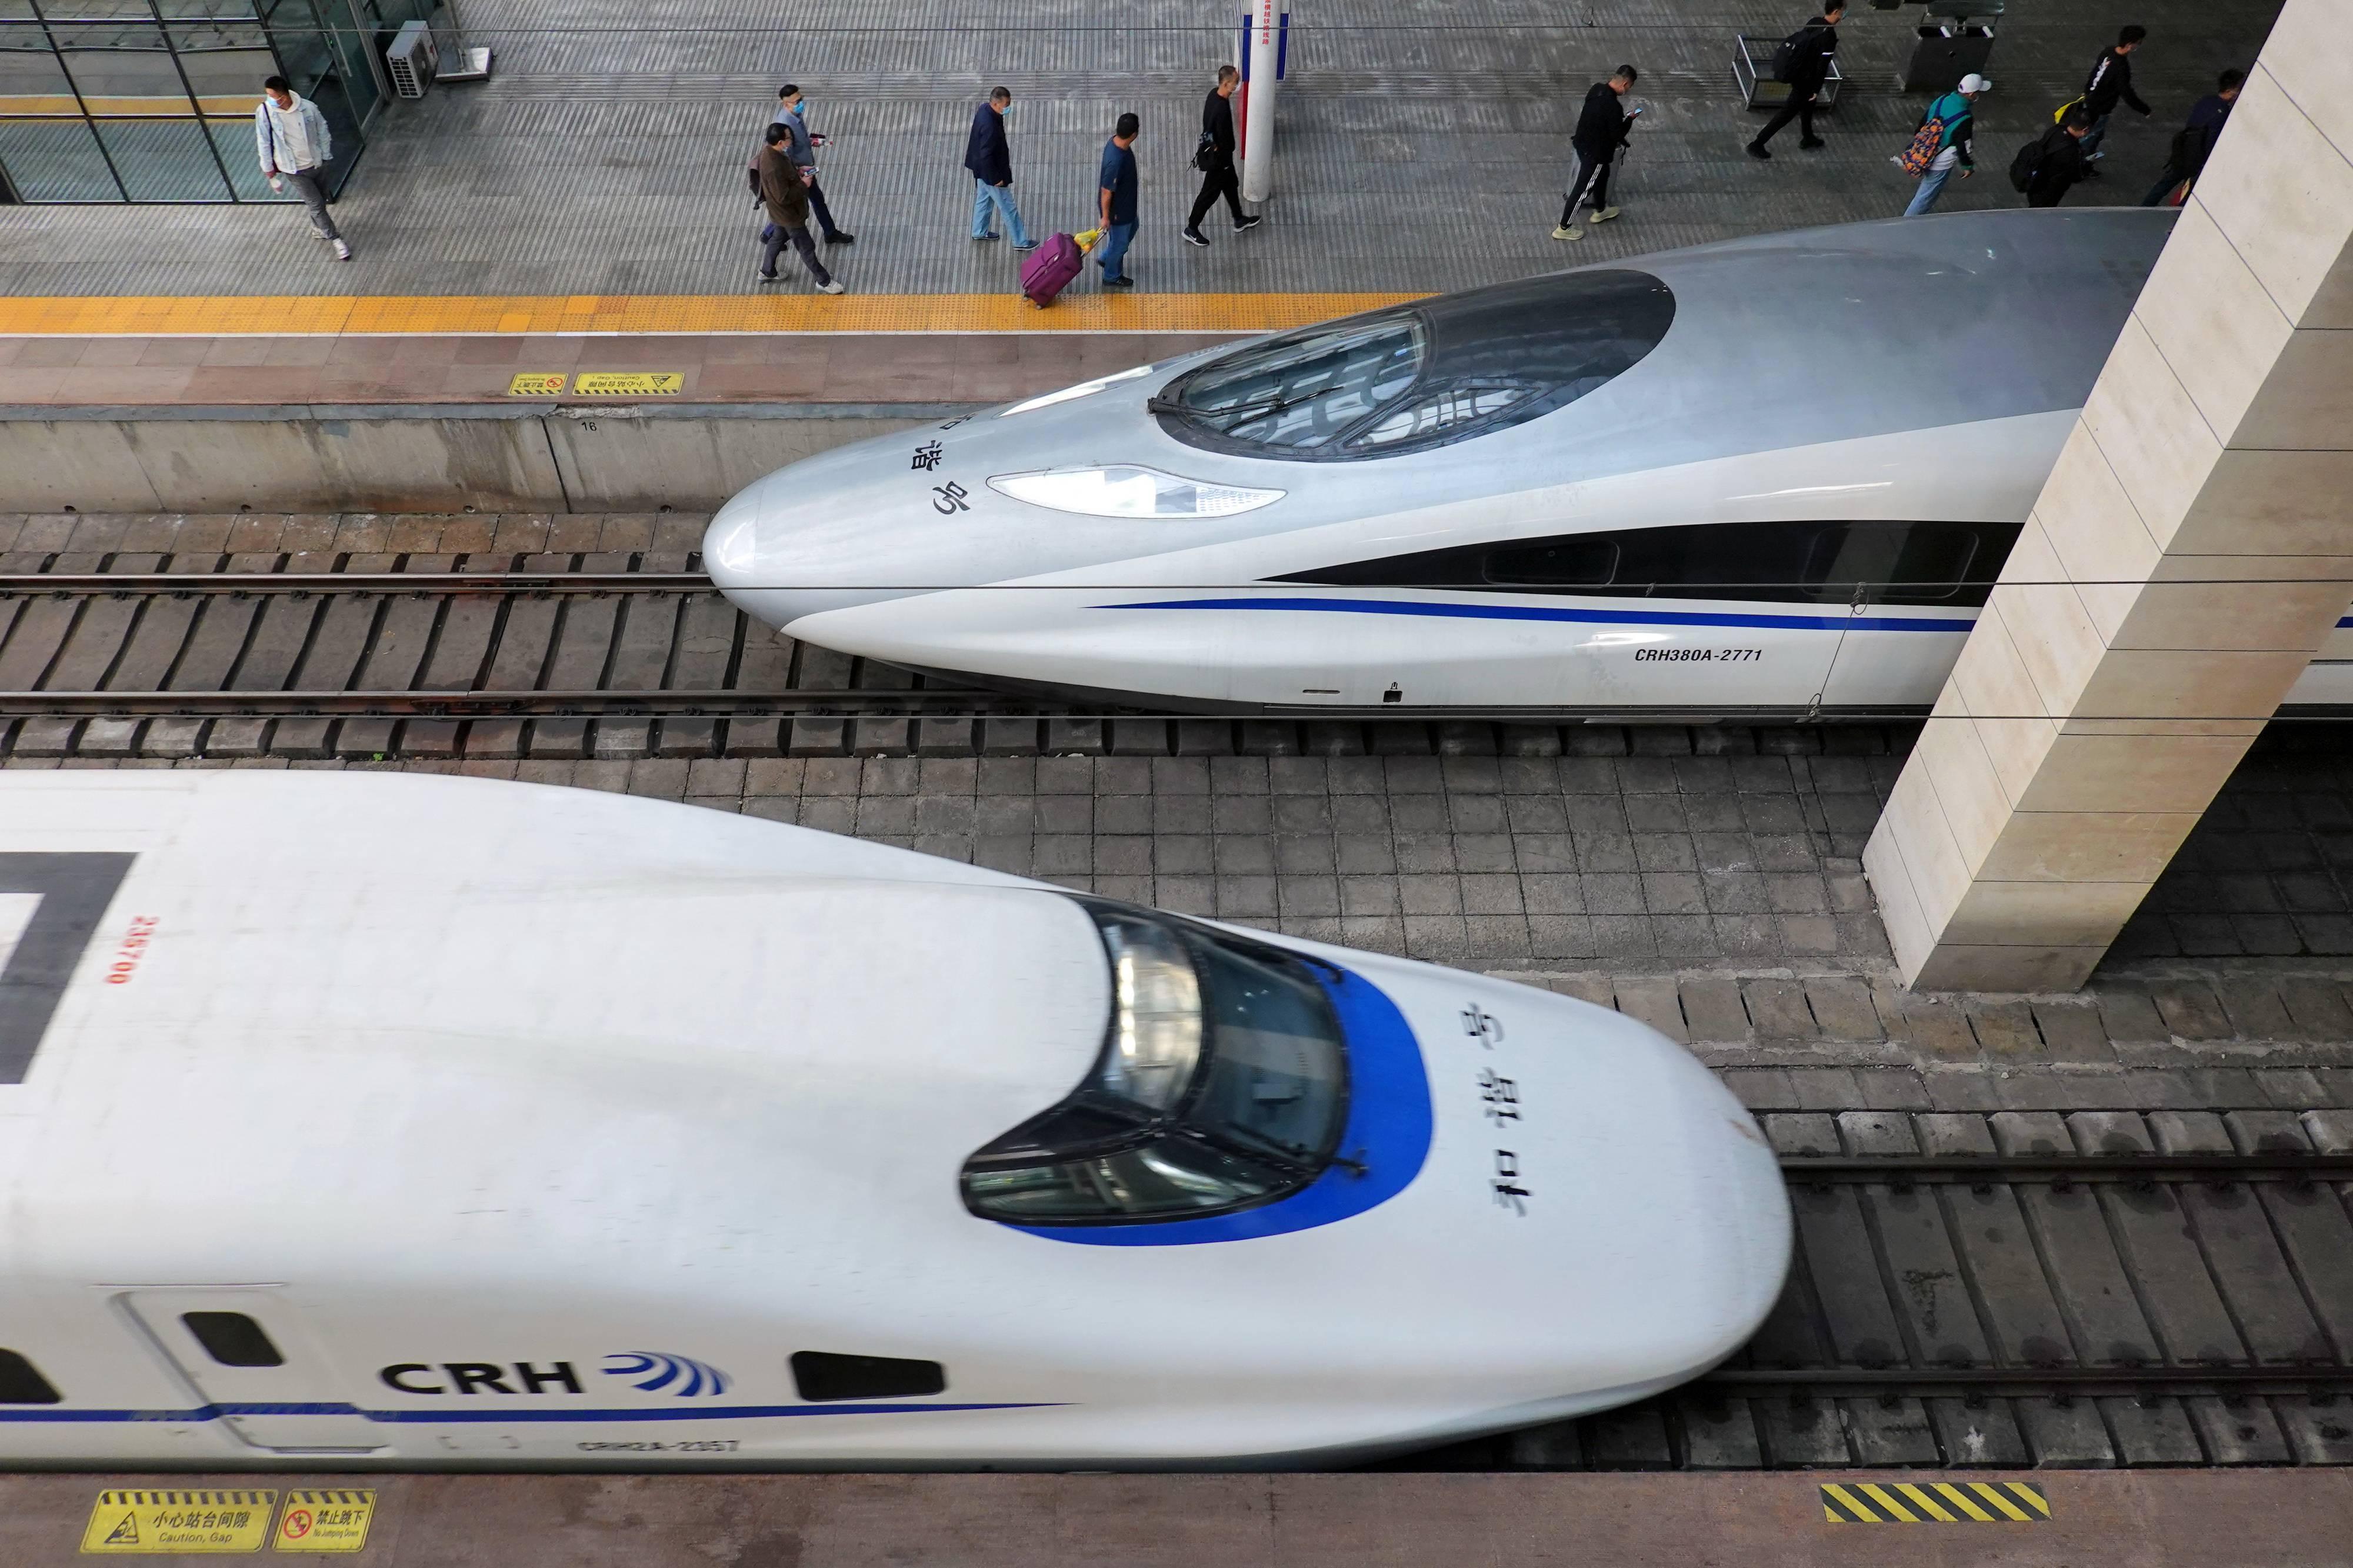 武汉铁路新列车运行图